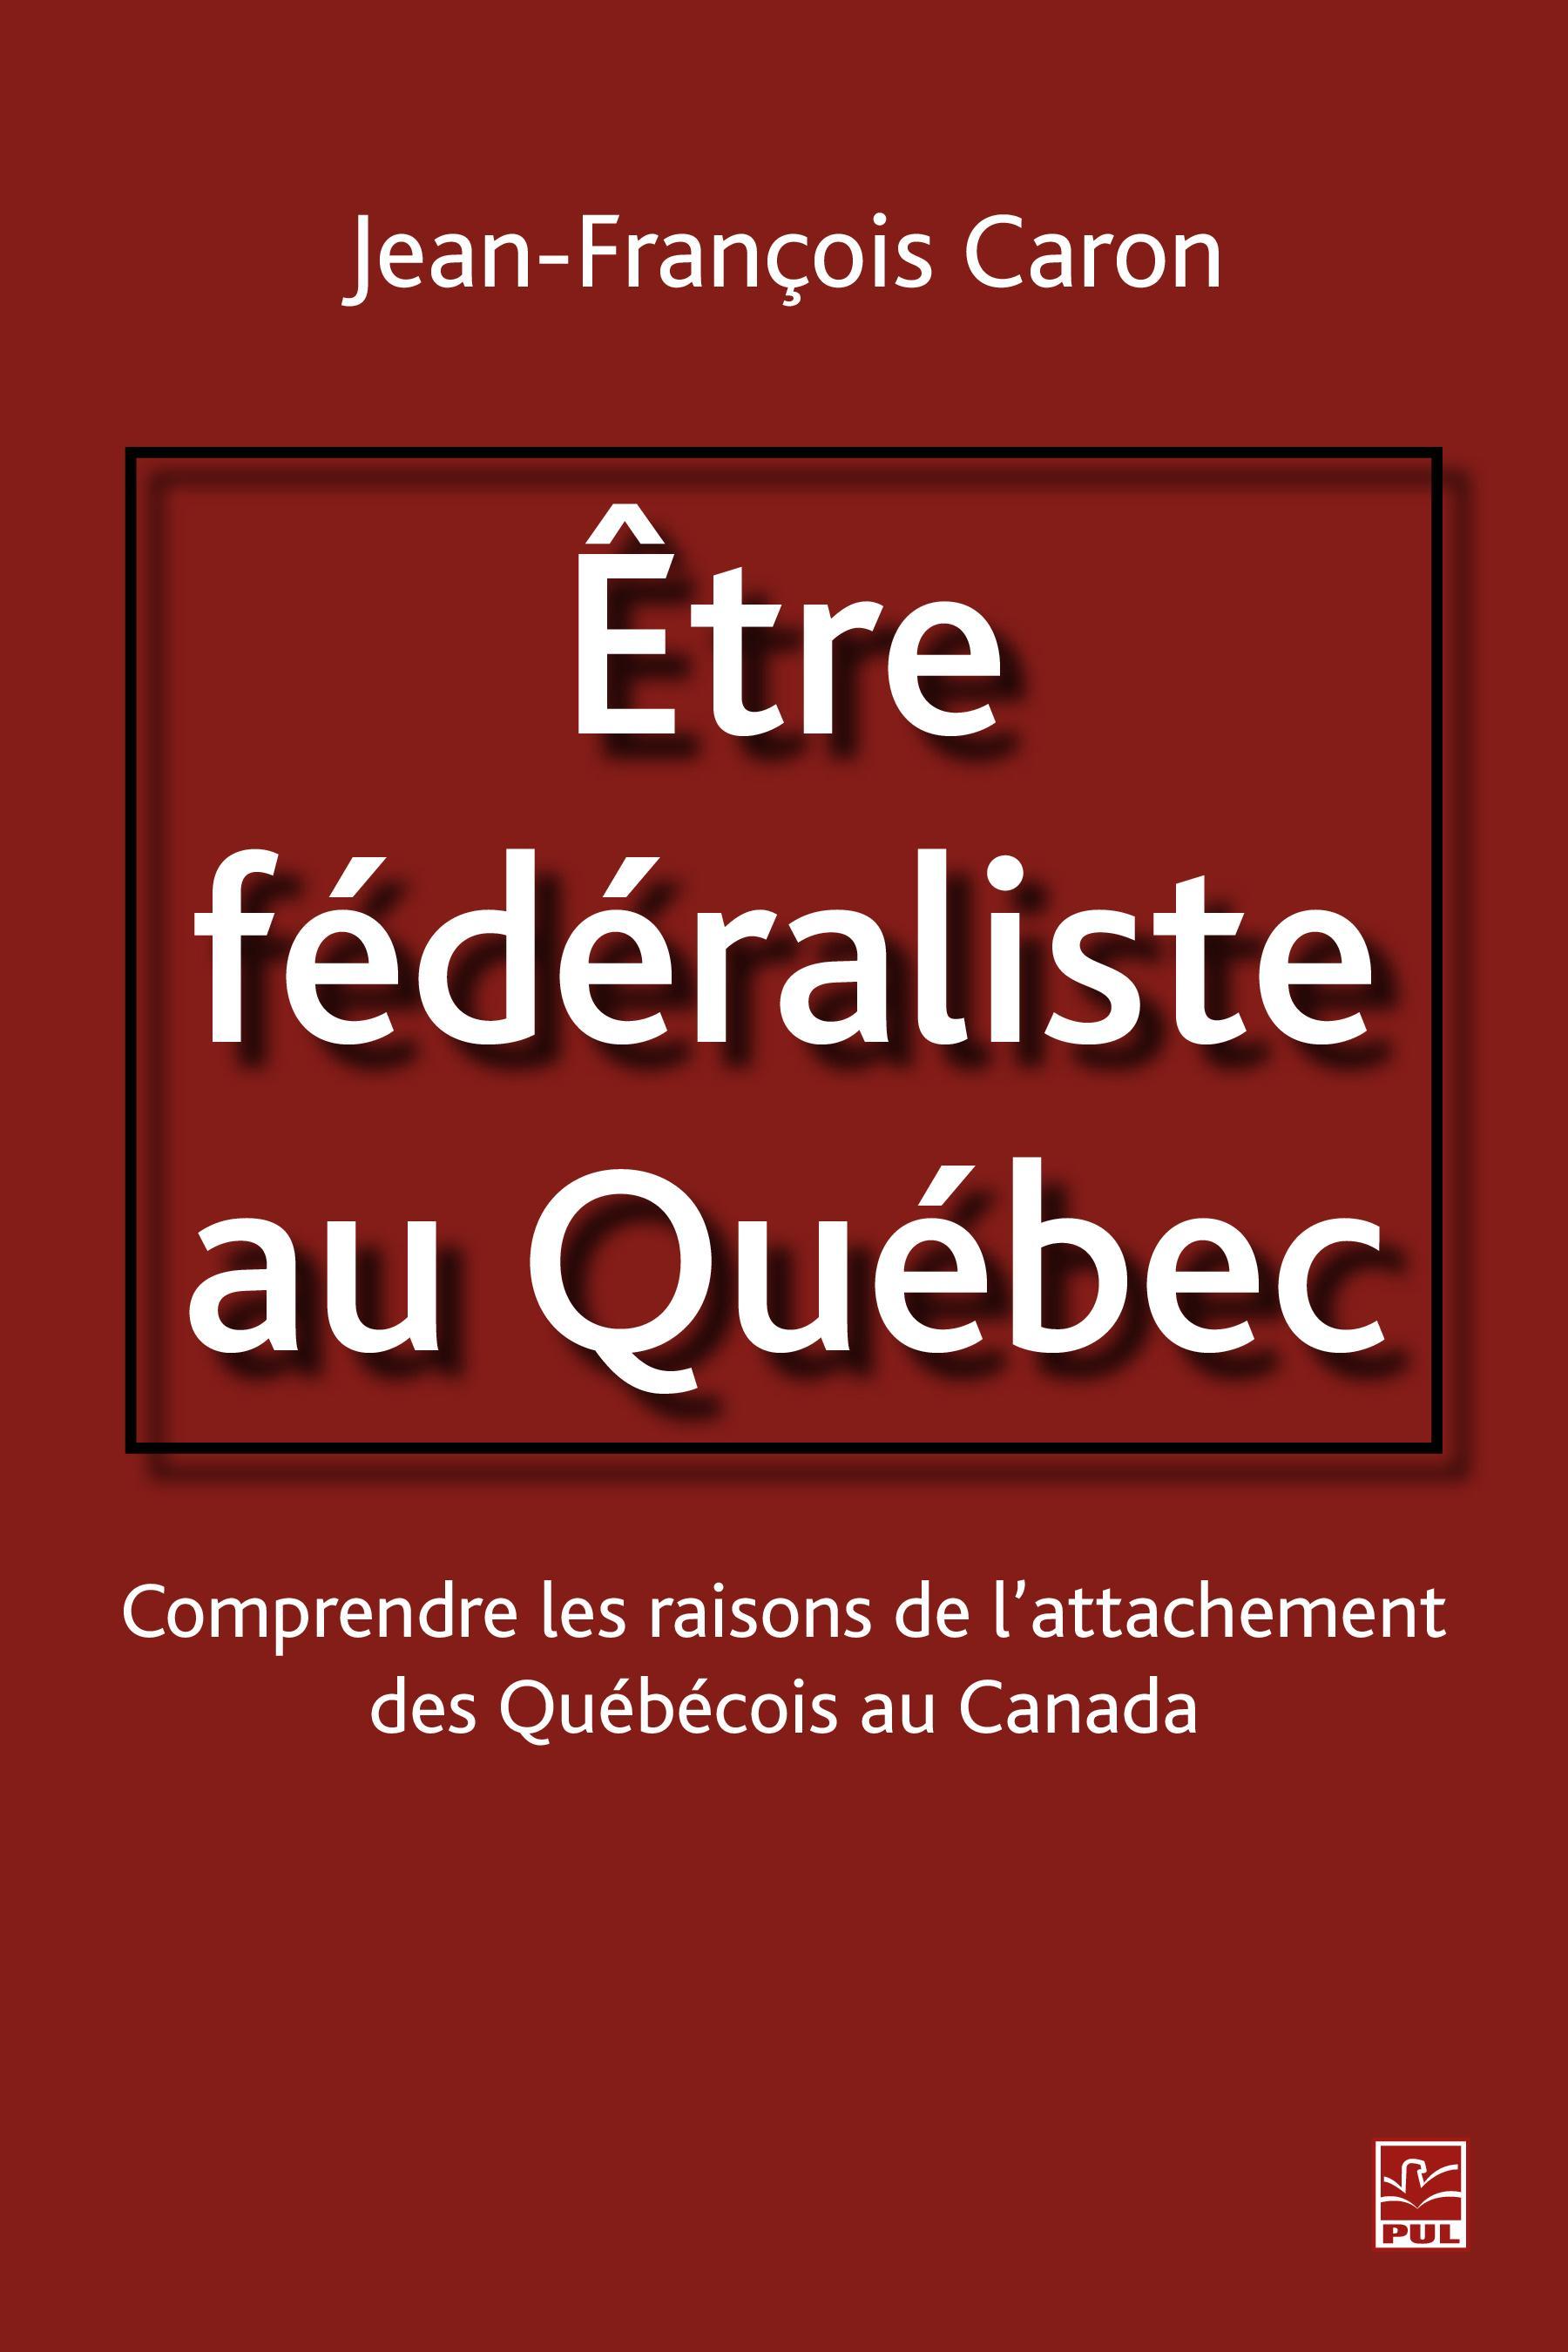 Etre fédéraliste au Québec.  Comprendre les raisons de l'attachement des Québécois au Canada